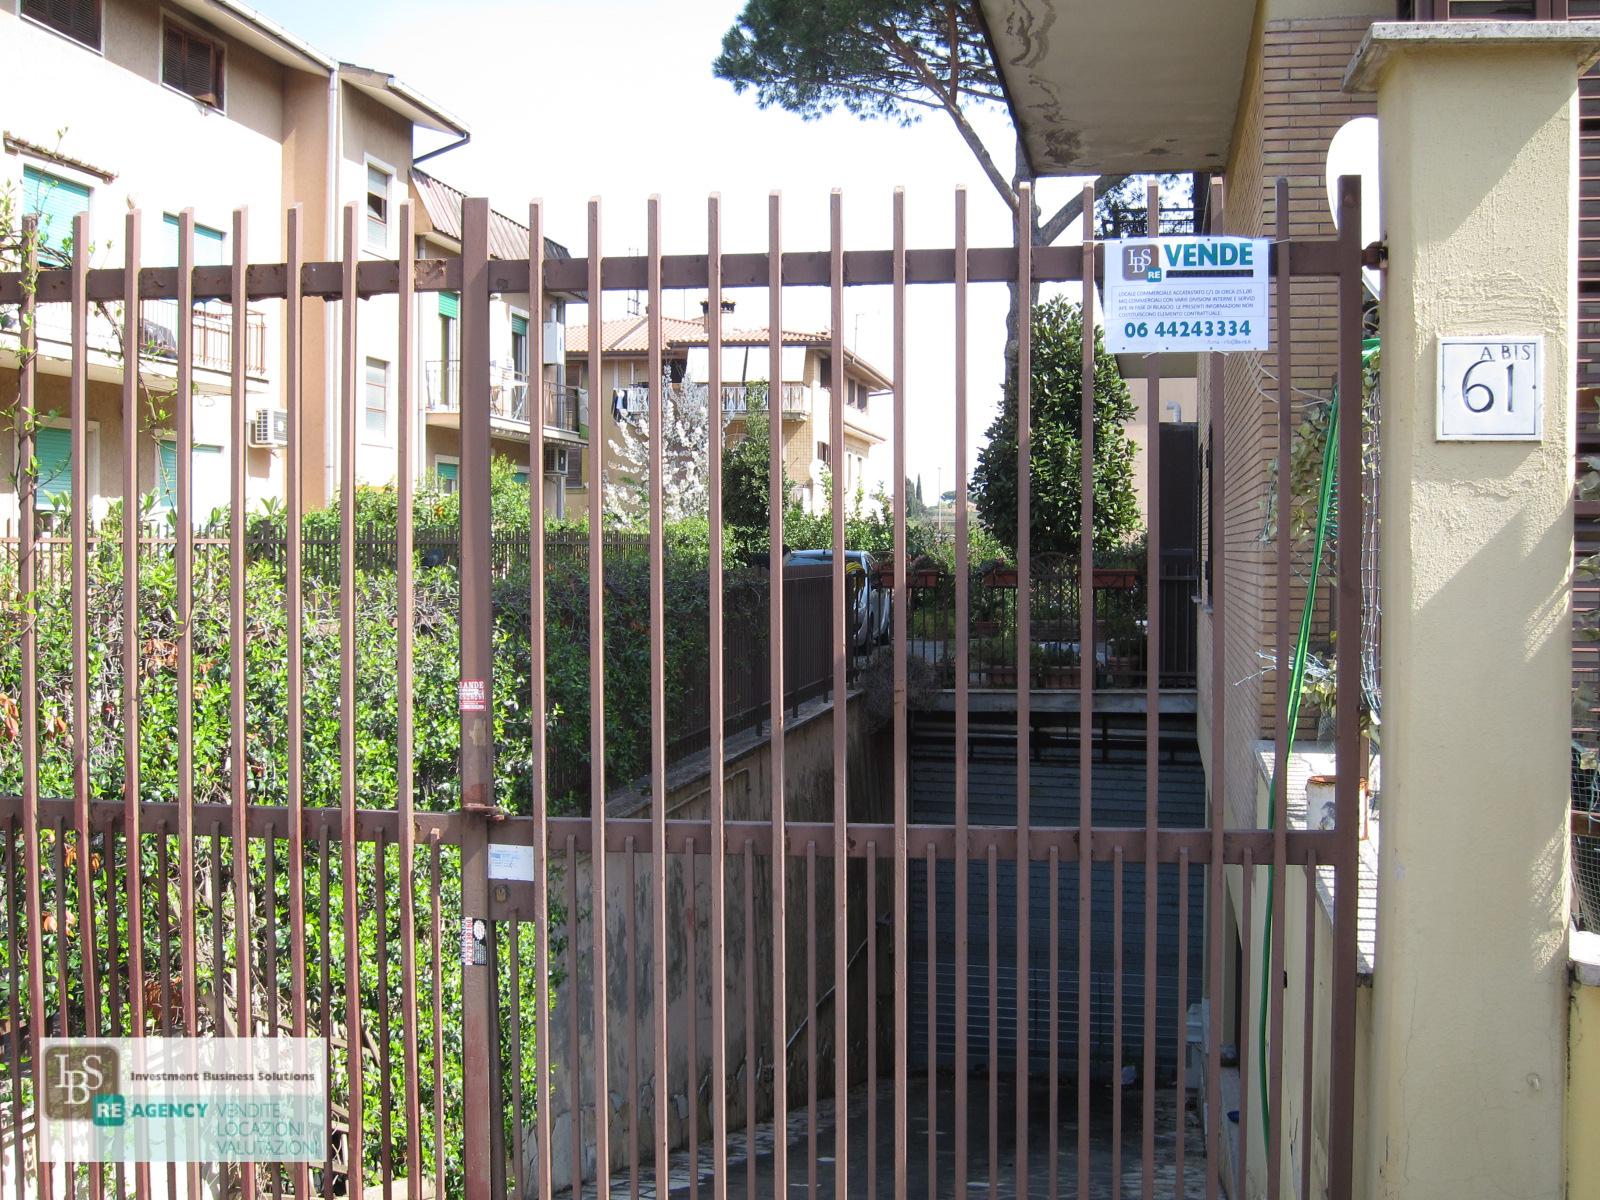 Negozio / Locale in vendita a Ciampino, 9999 locali, prezzo € 287.000 | CambioCasa.it